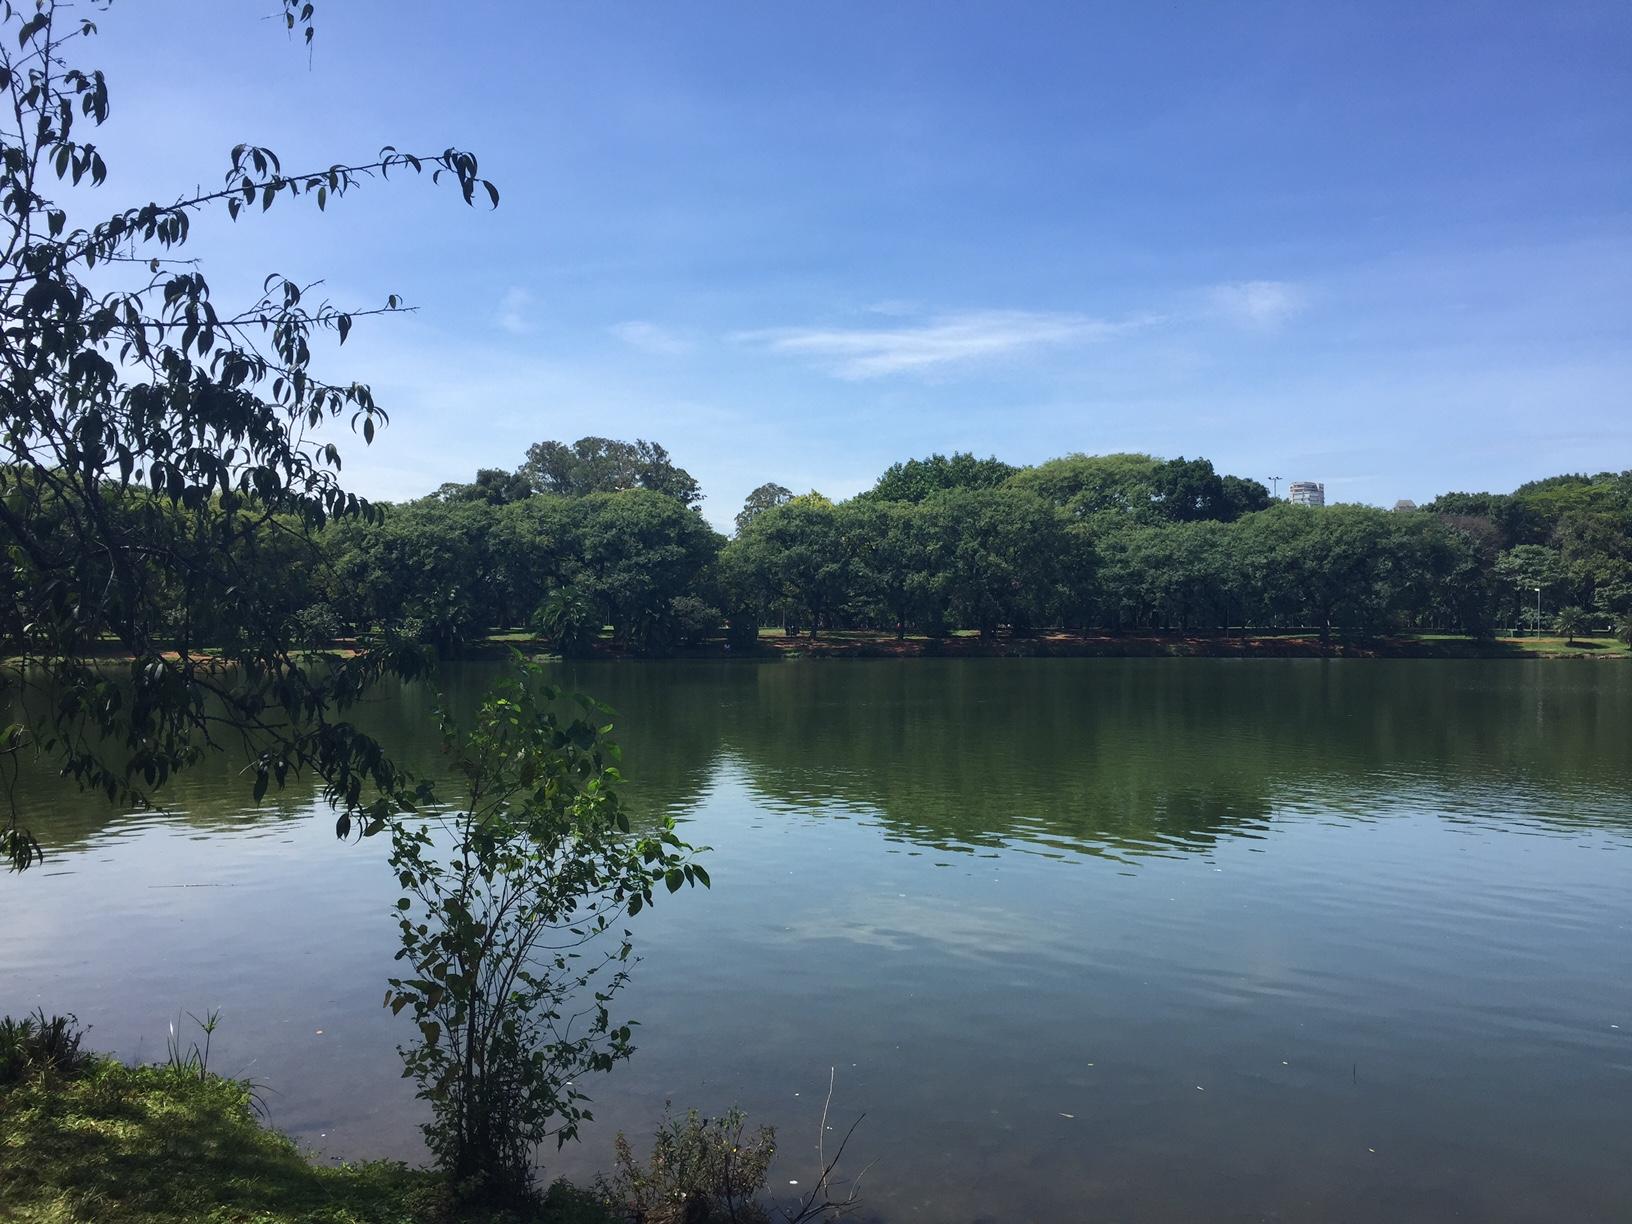 O parque do Ibirapuera é sempre uma ótima opção para relaxar e curtir o verde em meio a cidade